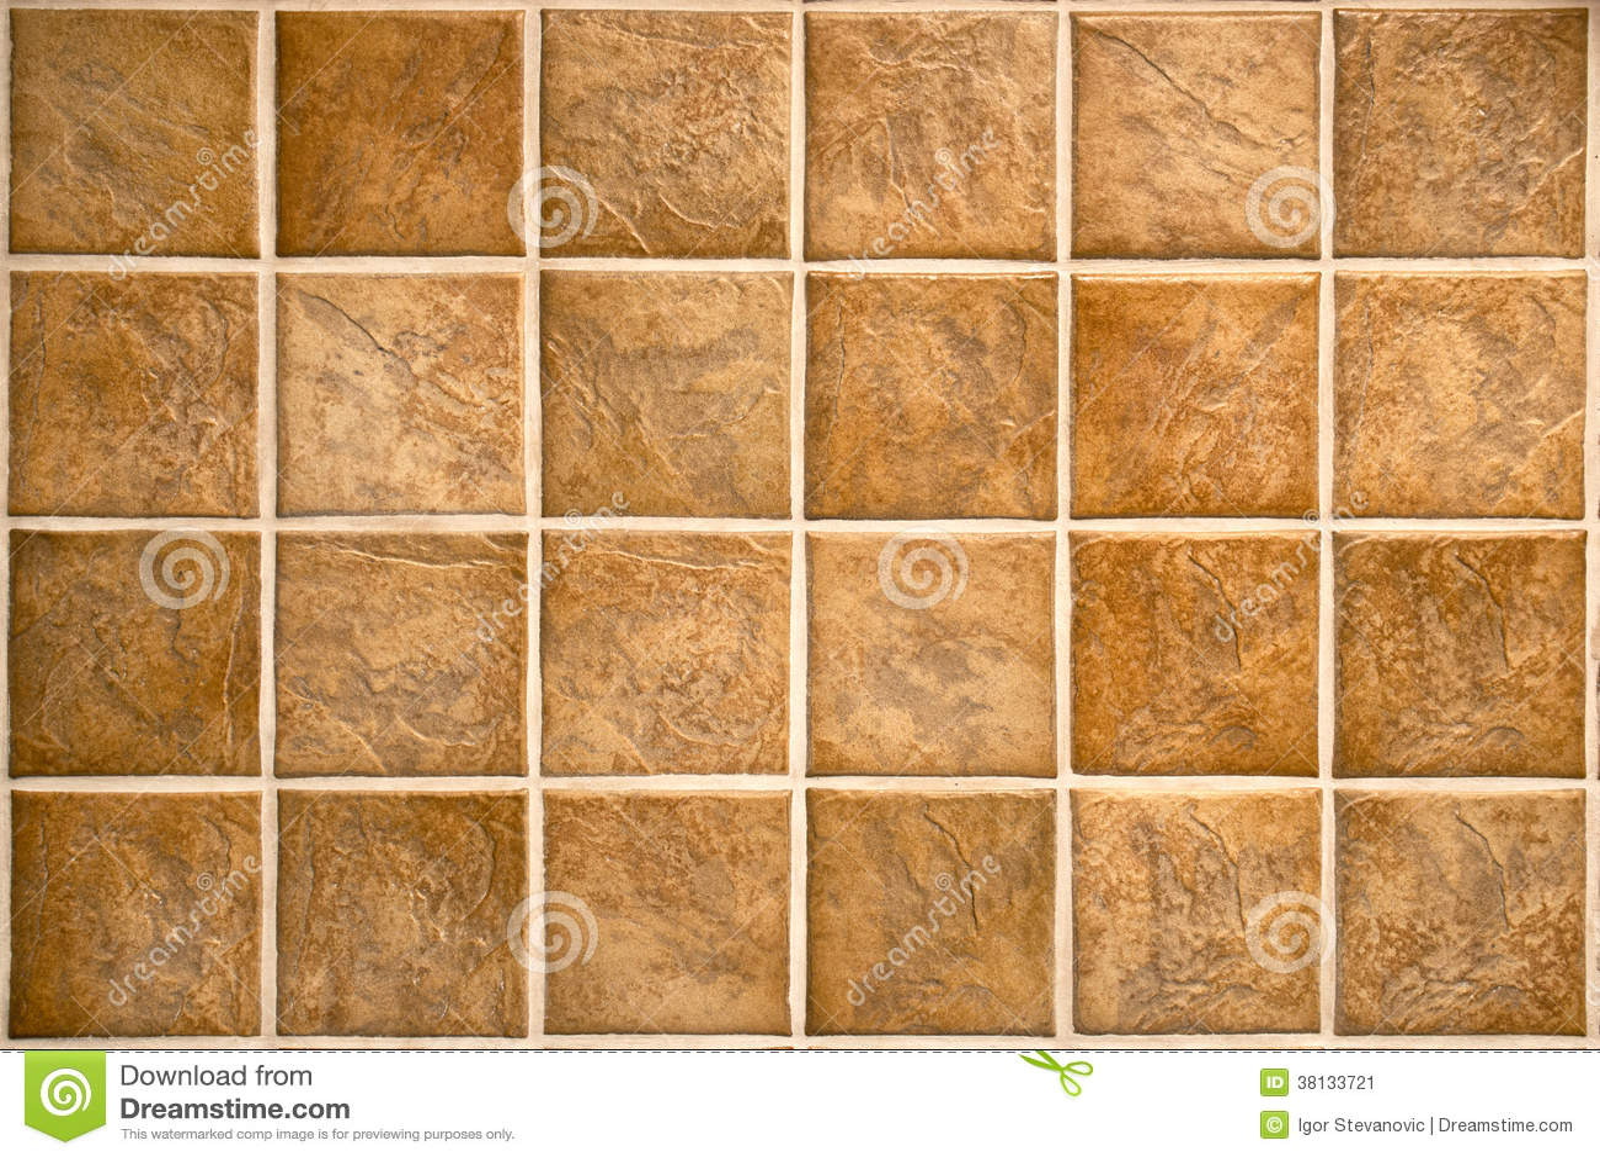 Baldosas cer micas del mosaico beige para la pared o el - Ceramica beige para bano ...